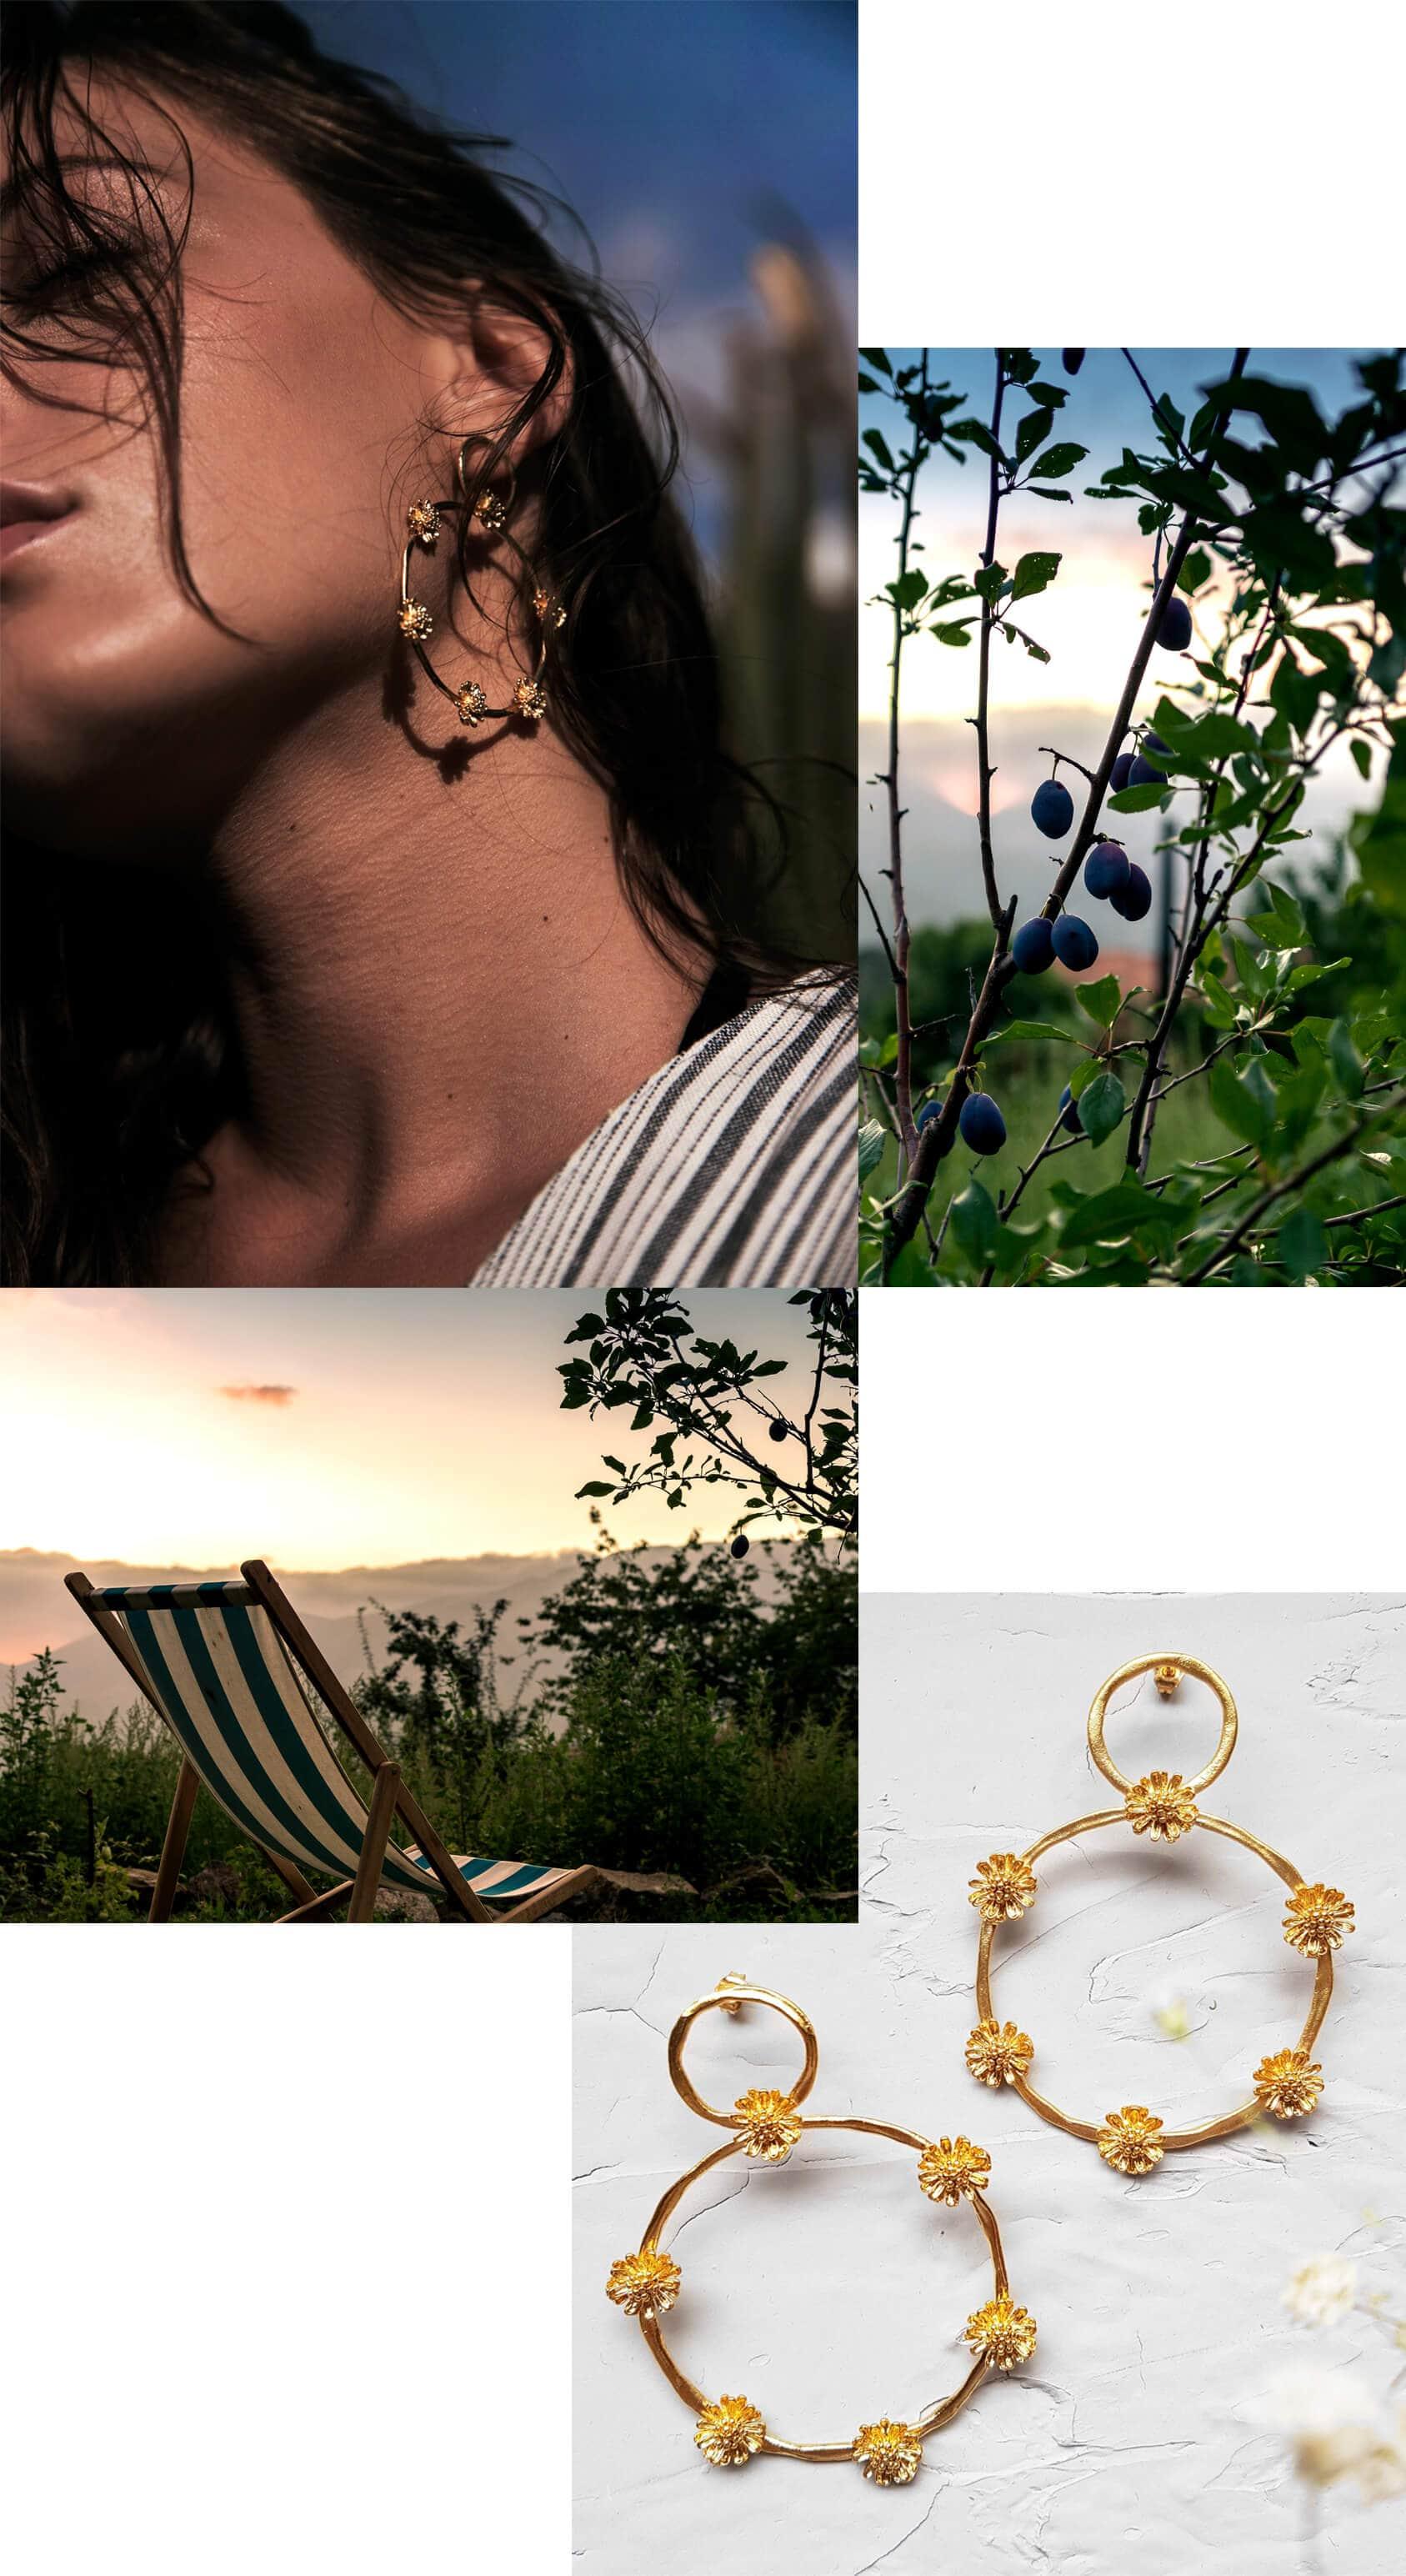 Nouvelle collection de bijoux Elise Tsikis chez Poisson Plume : Marguerites